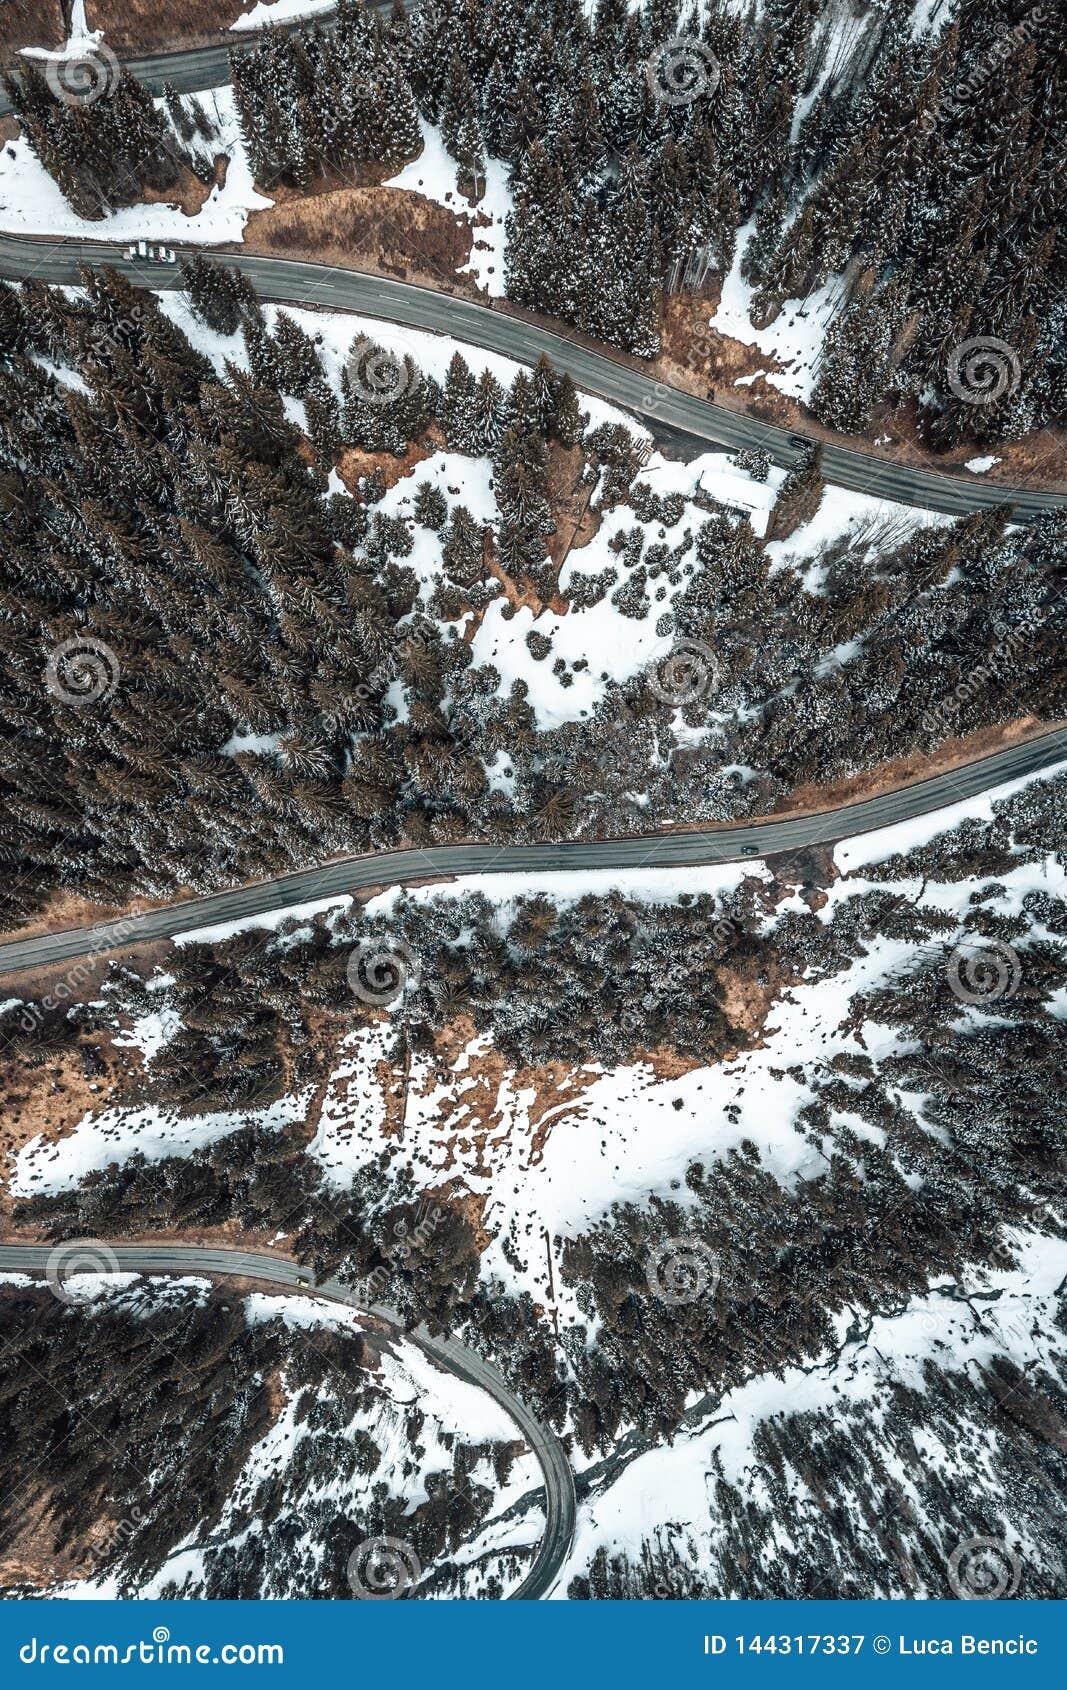 Birdseye view of a snowy road